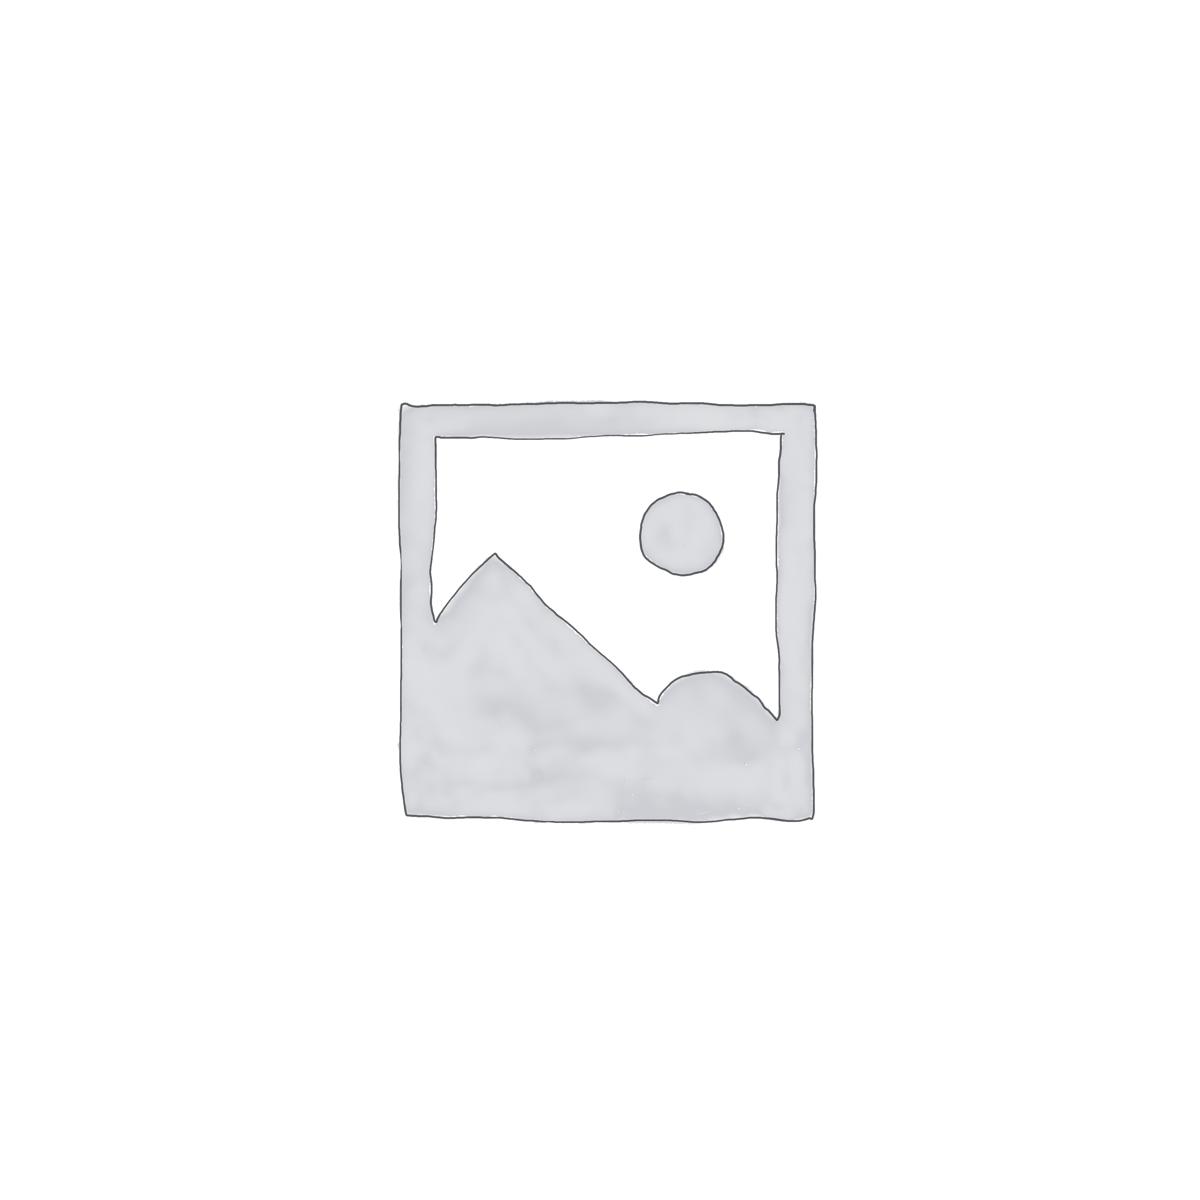 Червячный вал привода шестерни для ZLP 1000, SHENXI